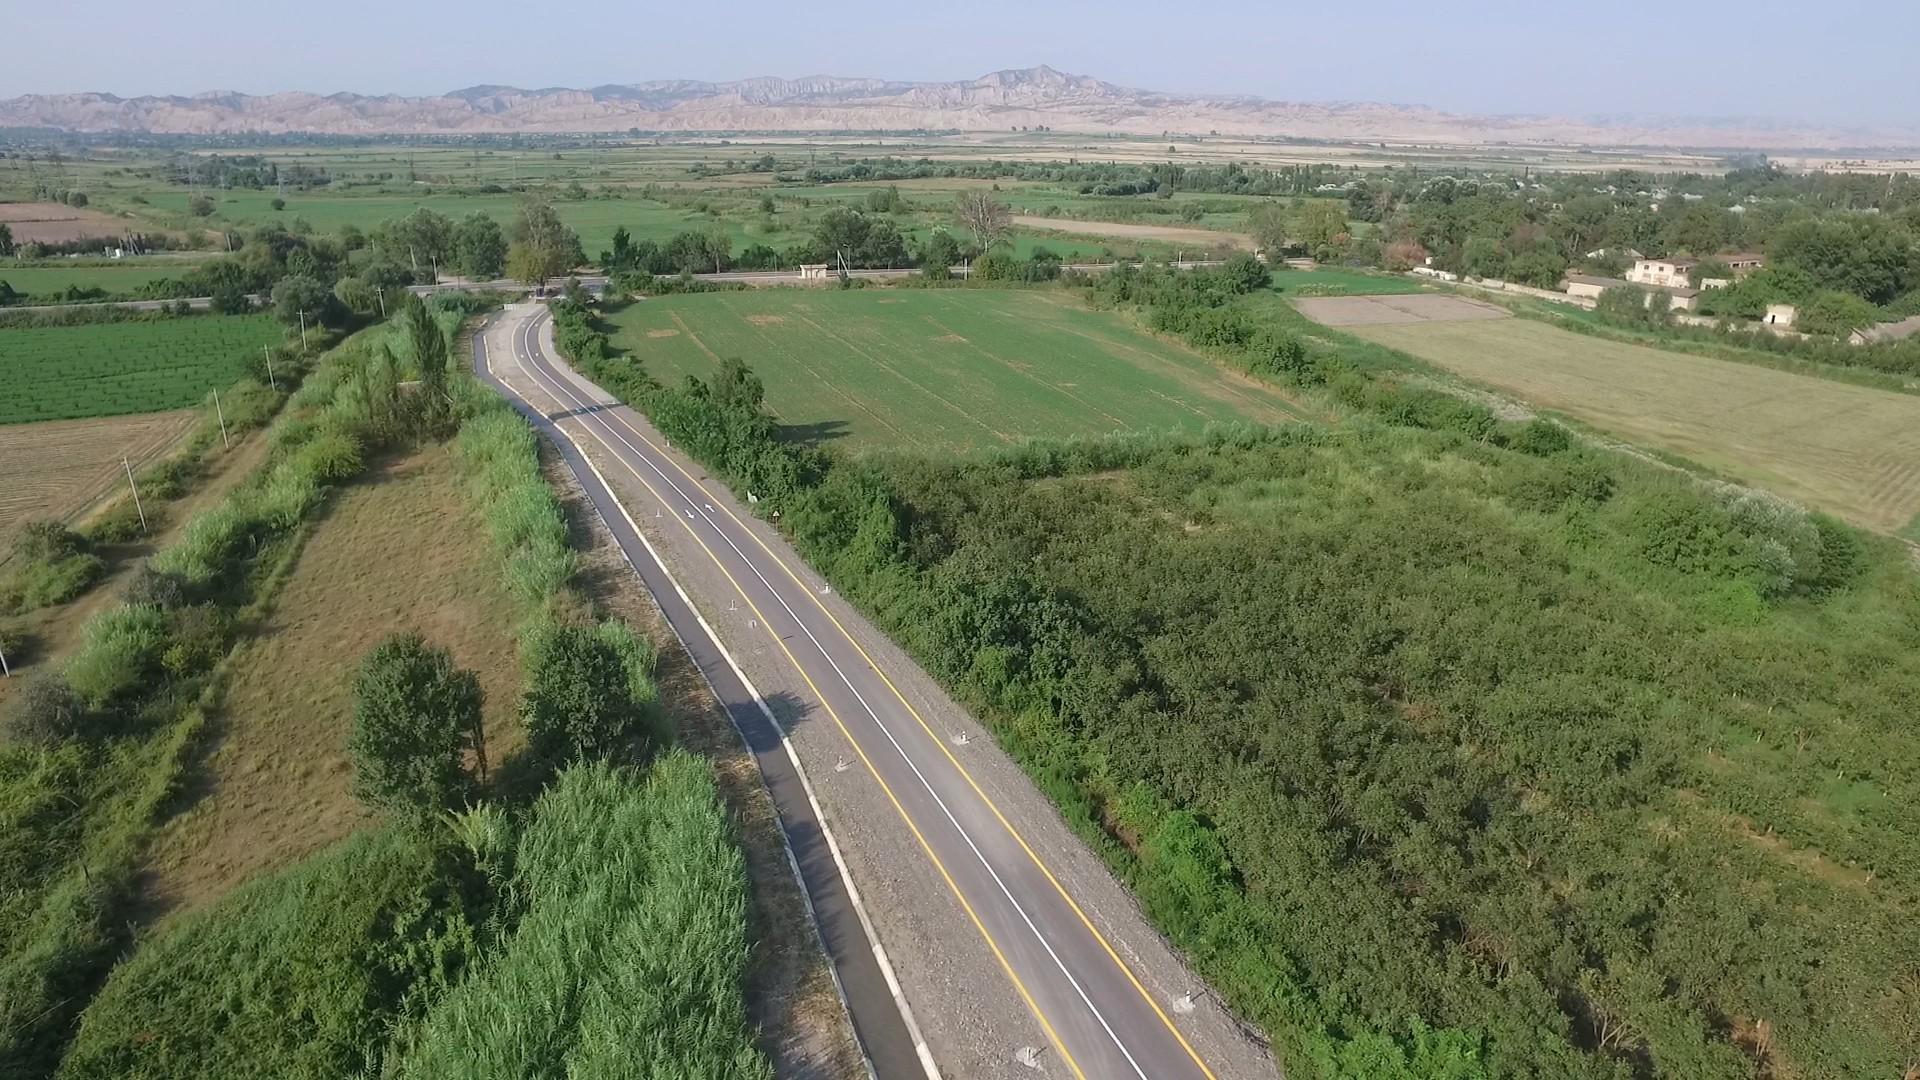 Ağdaşda 2 avtomobil yolu yenidən qurulub (FOTO)